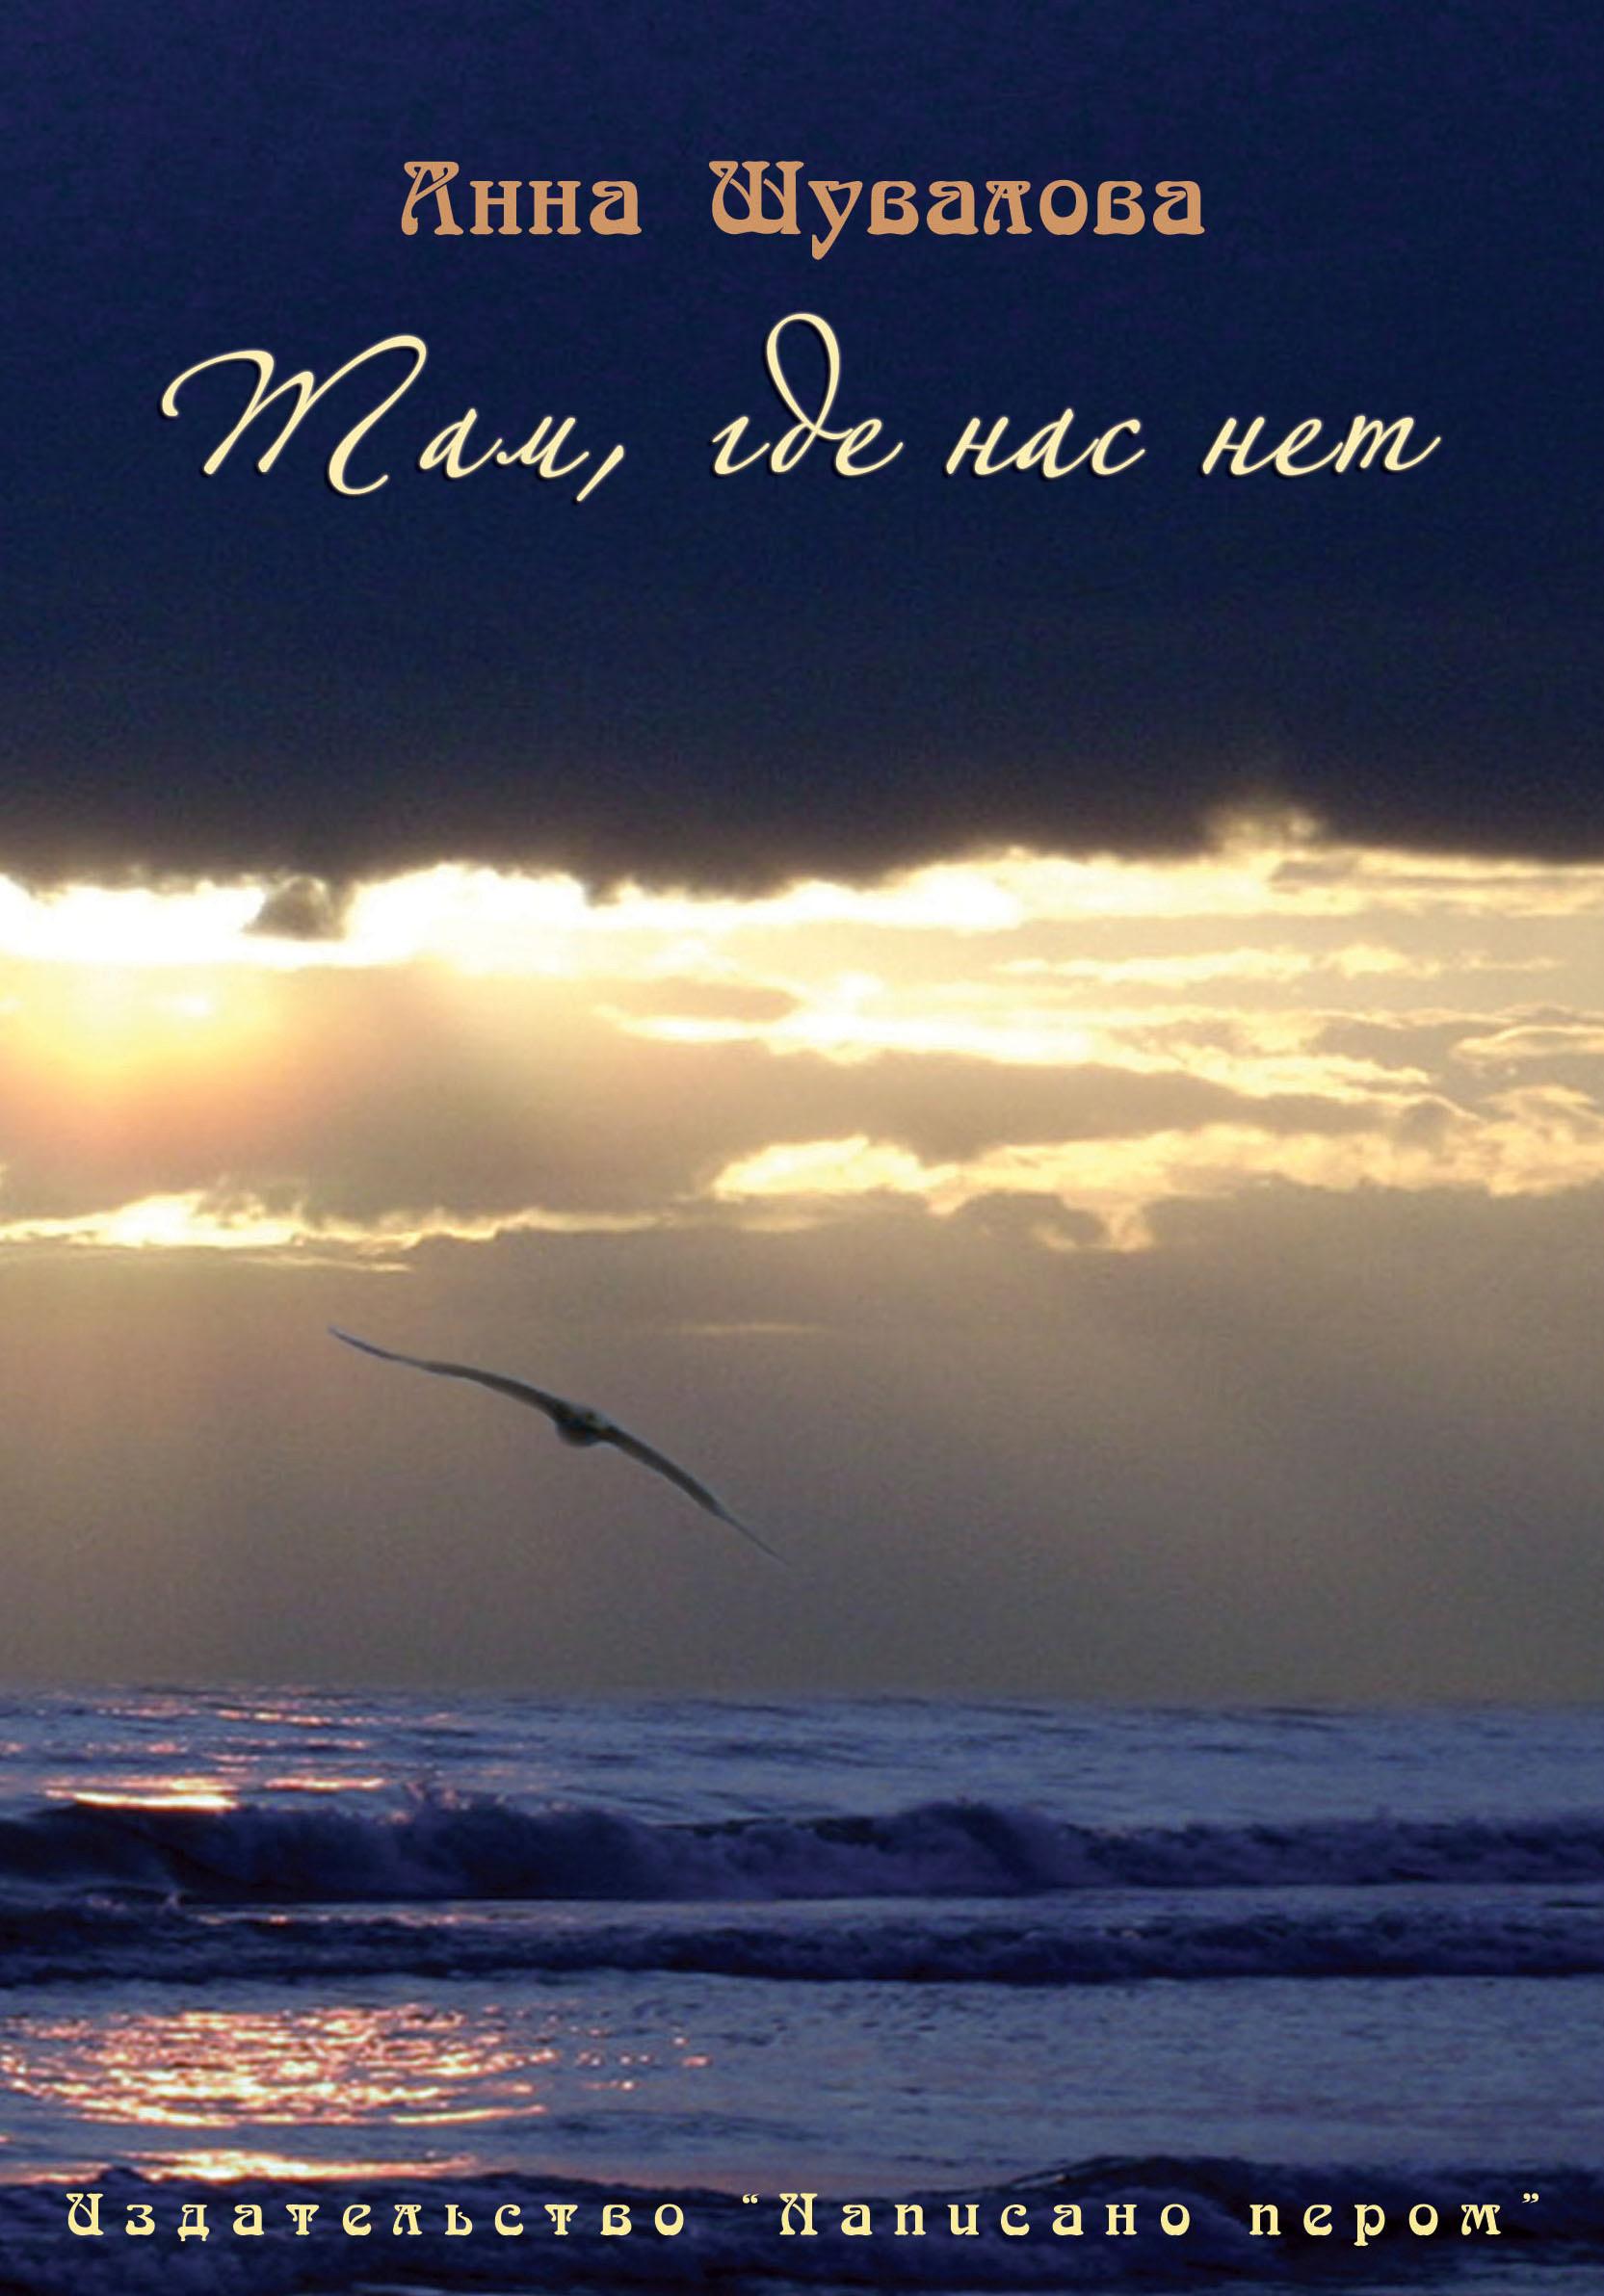 Анна Шувалова Там, где нас нет анна вальгрен наши дети спят всю ночь